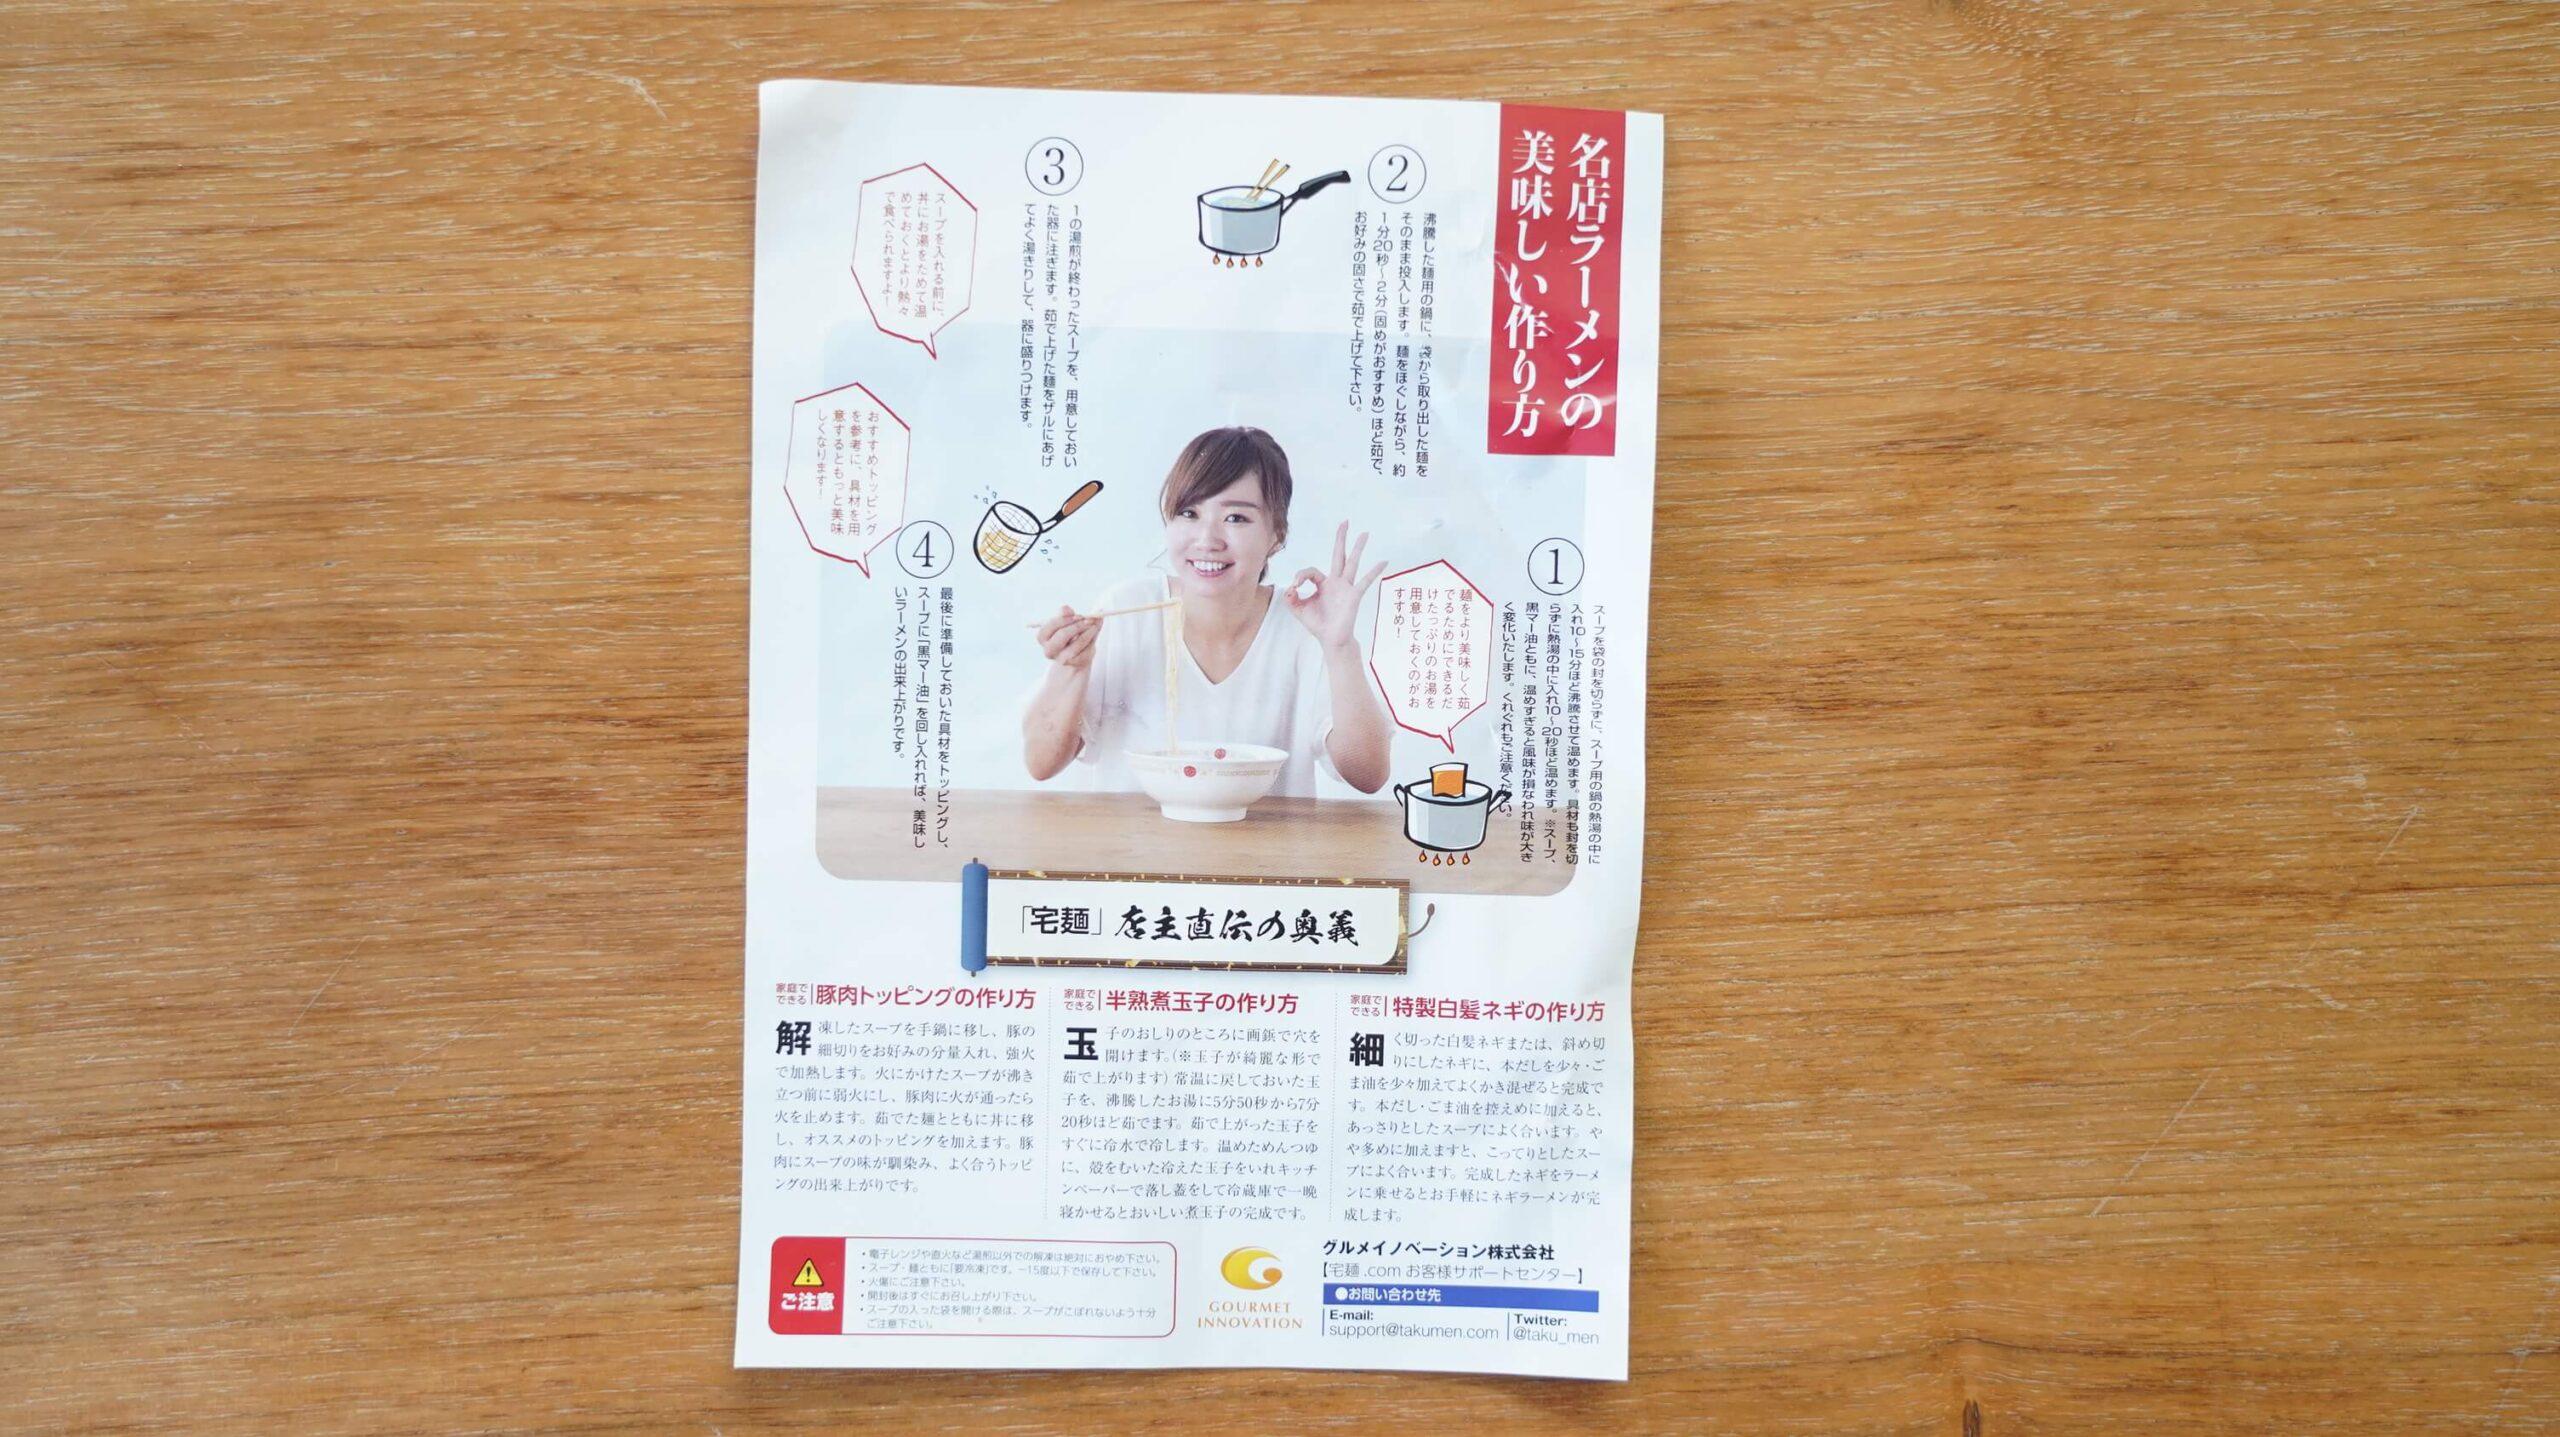 「なんつッ亭」の通販お取り寄せ用ラーメンの作り方の説明書の写真